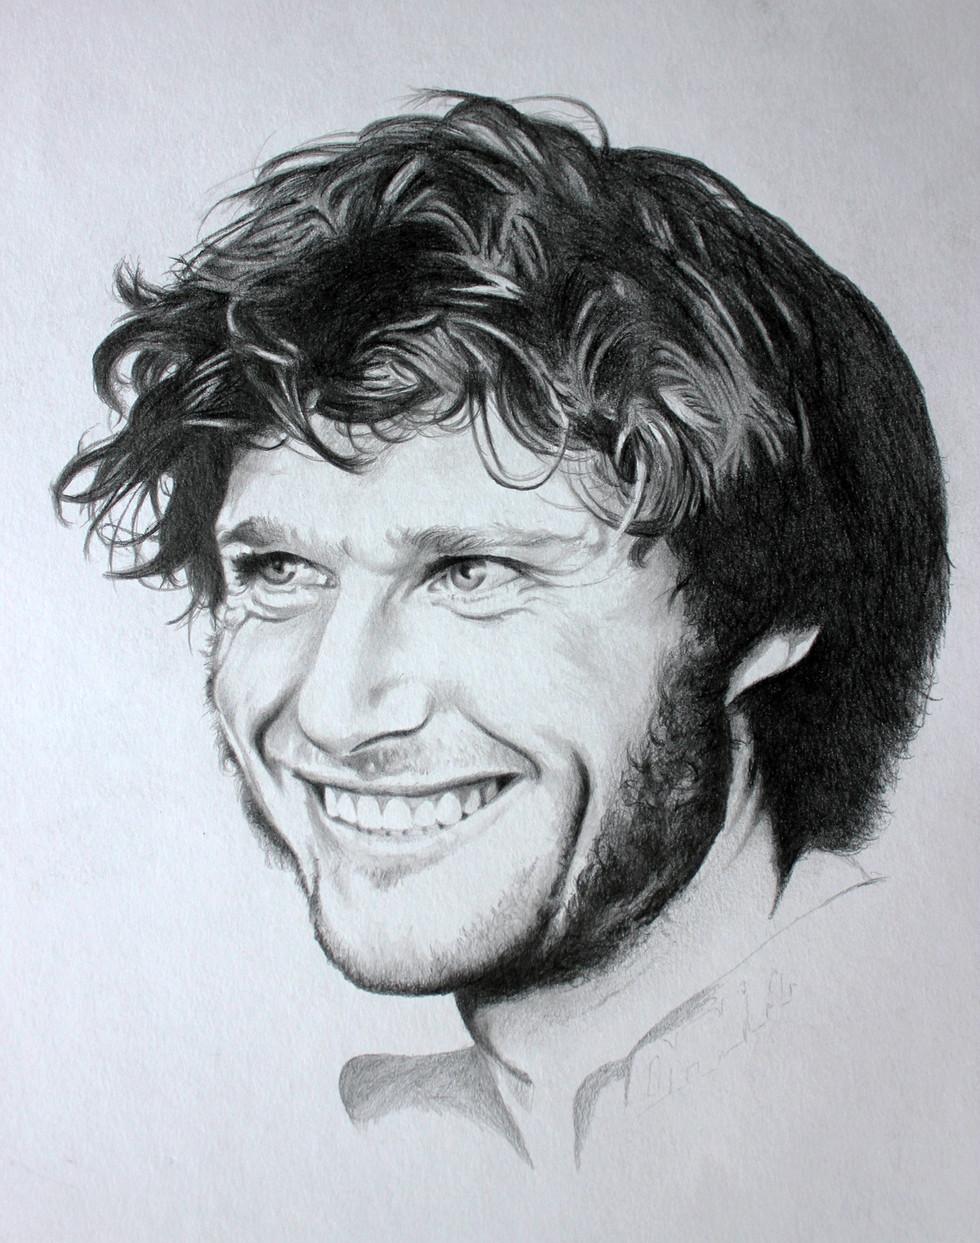 Guy Martin - portrait commission